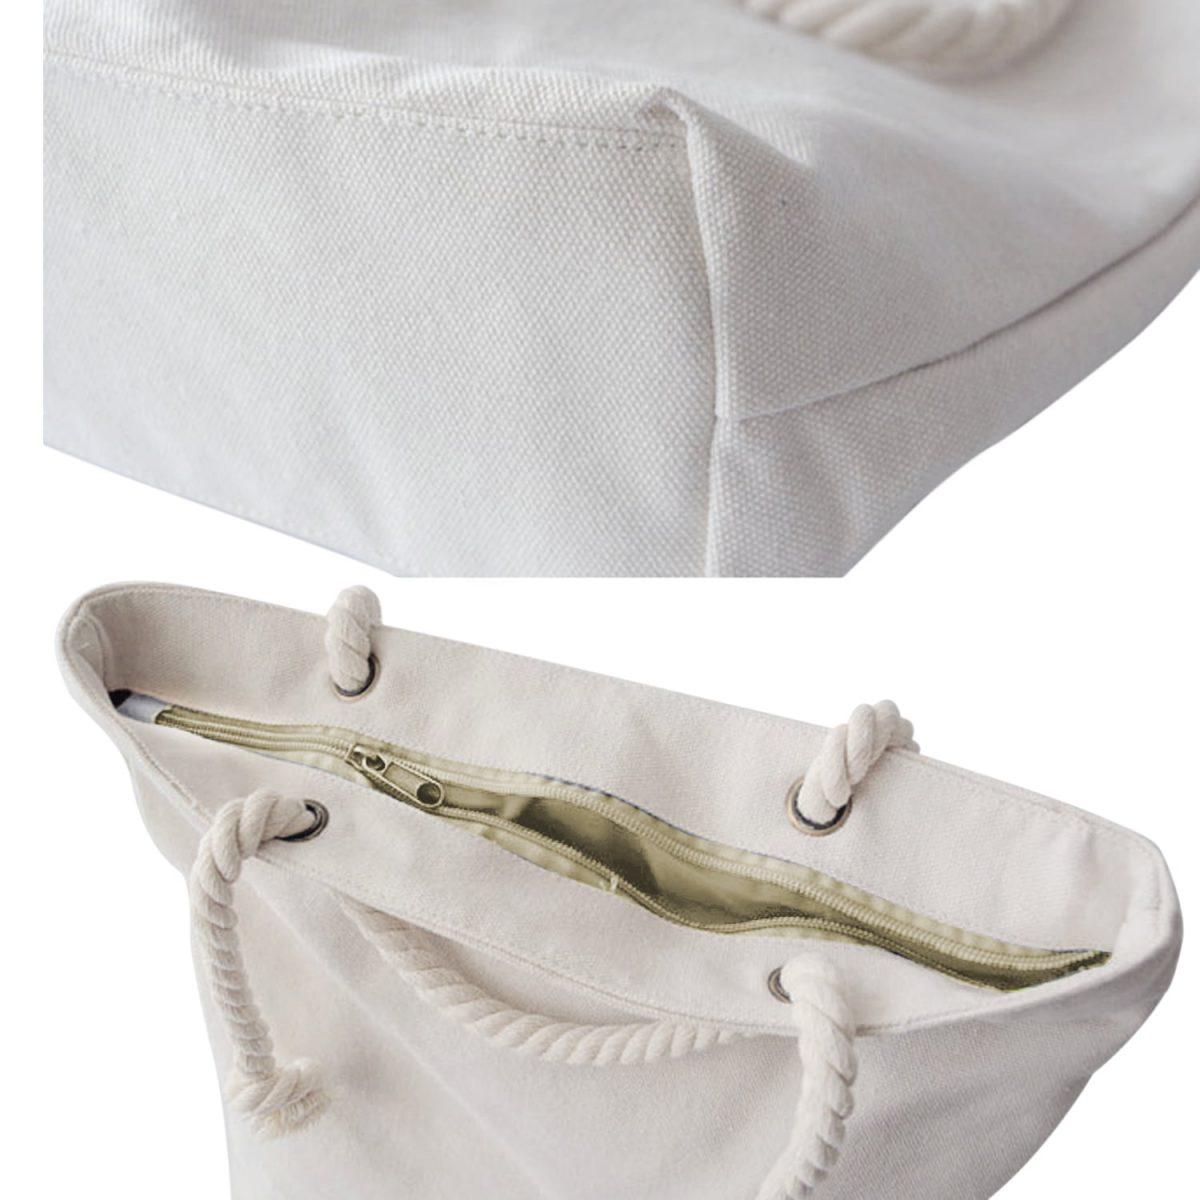 Modern Baykuş Desen Dijital Baskılı Fermuarlı Kumaş Çanta Realhomes